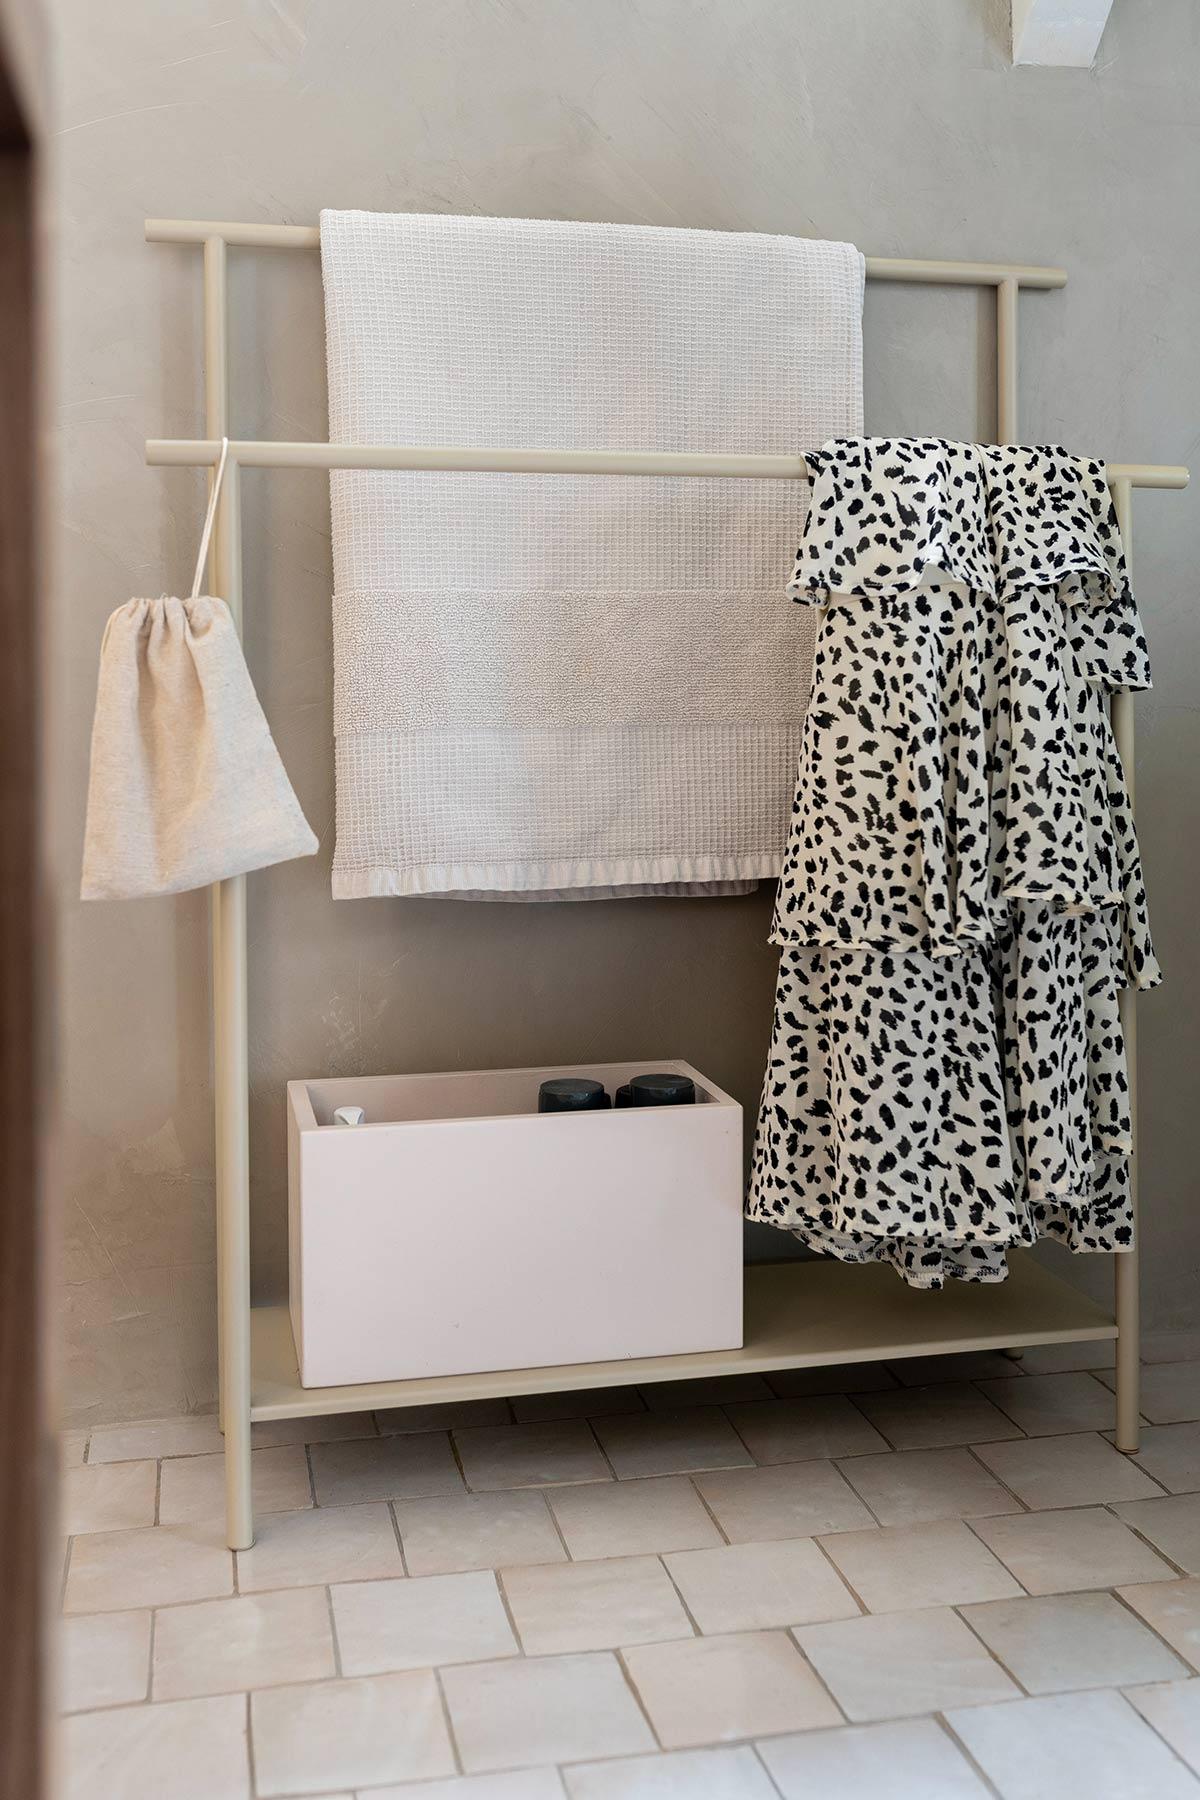 Handdoekhouder Ferm Living badkamer - Tanja van Hoogdalem